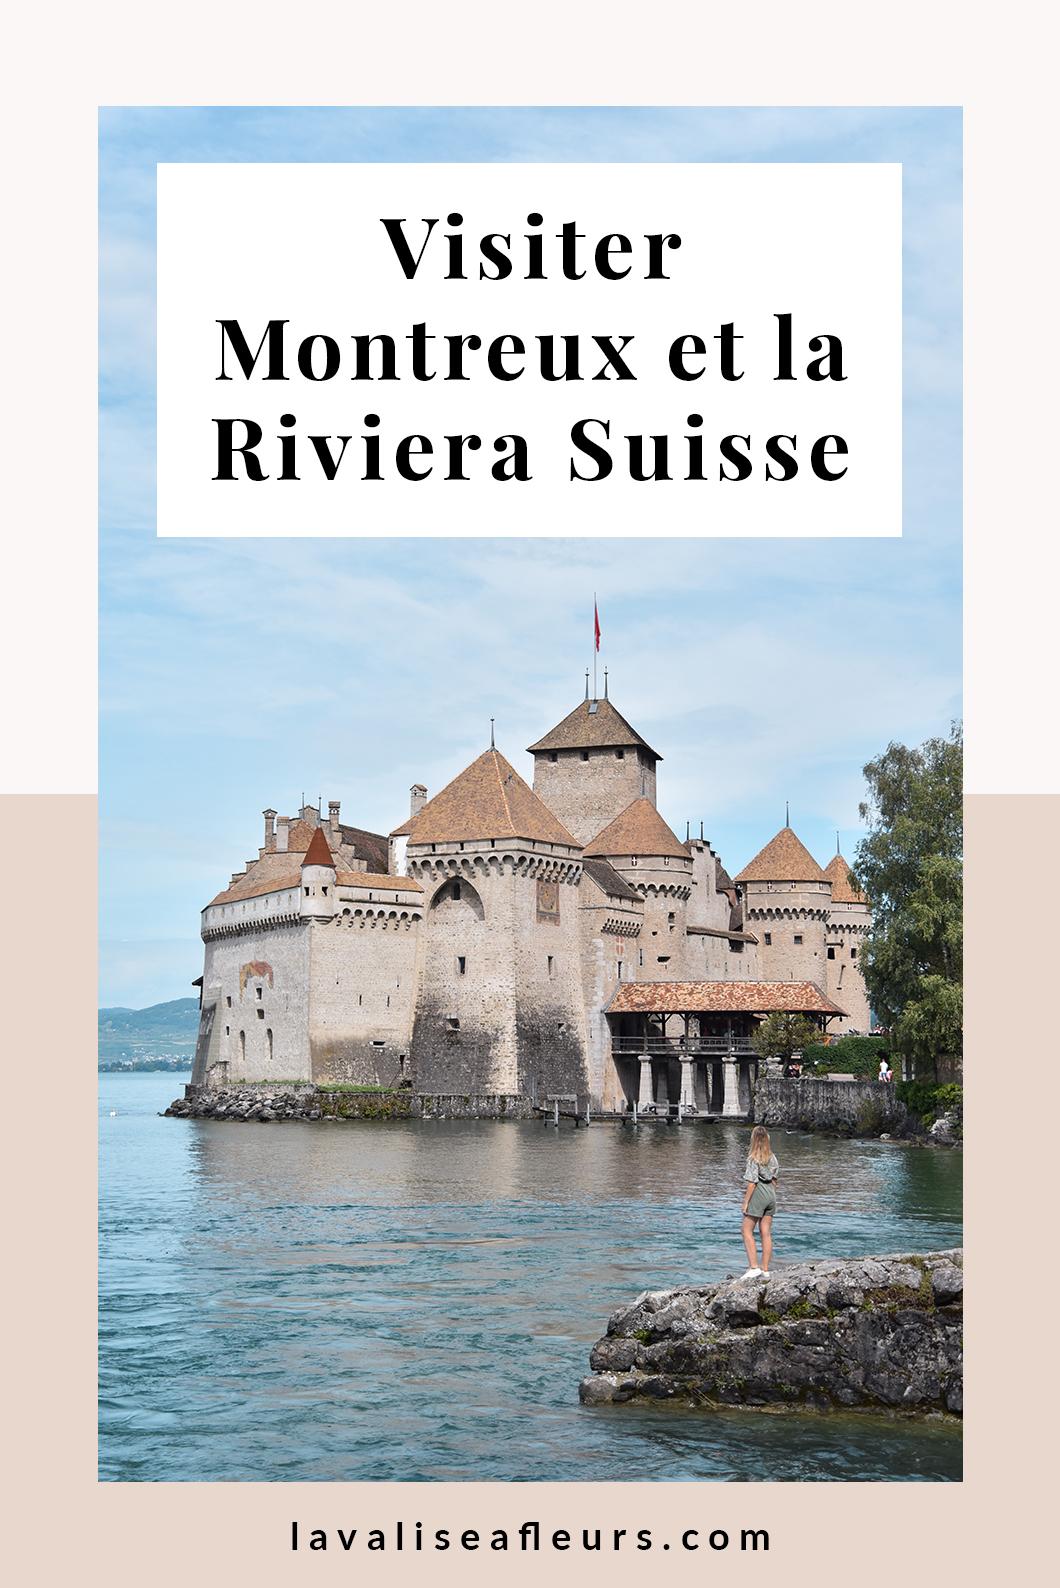 Visiter Montreux et la Riviera Suisse